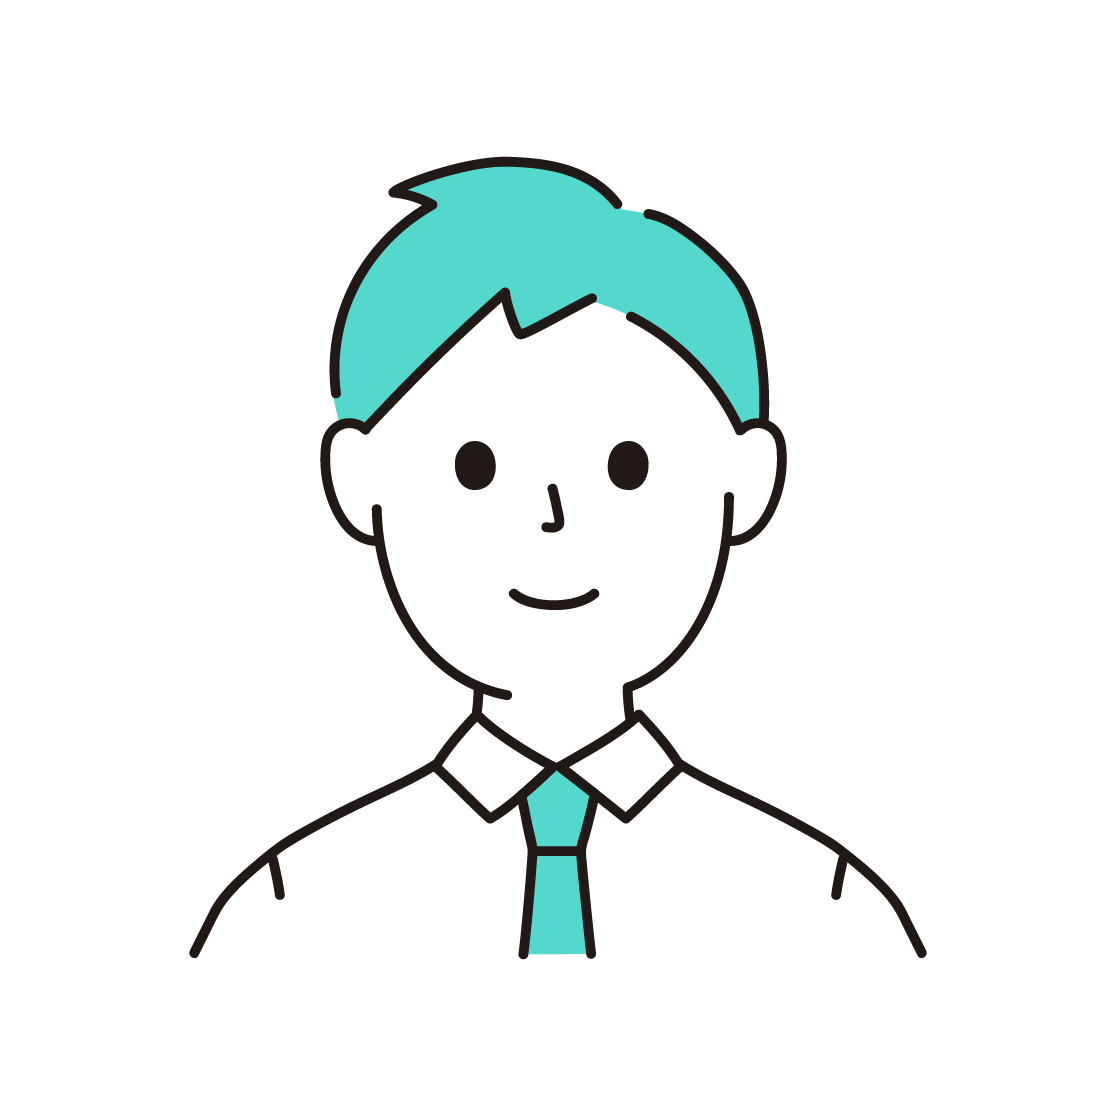 男性(20代~30代)の単色イラスト